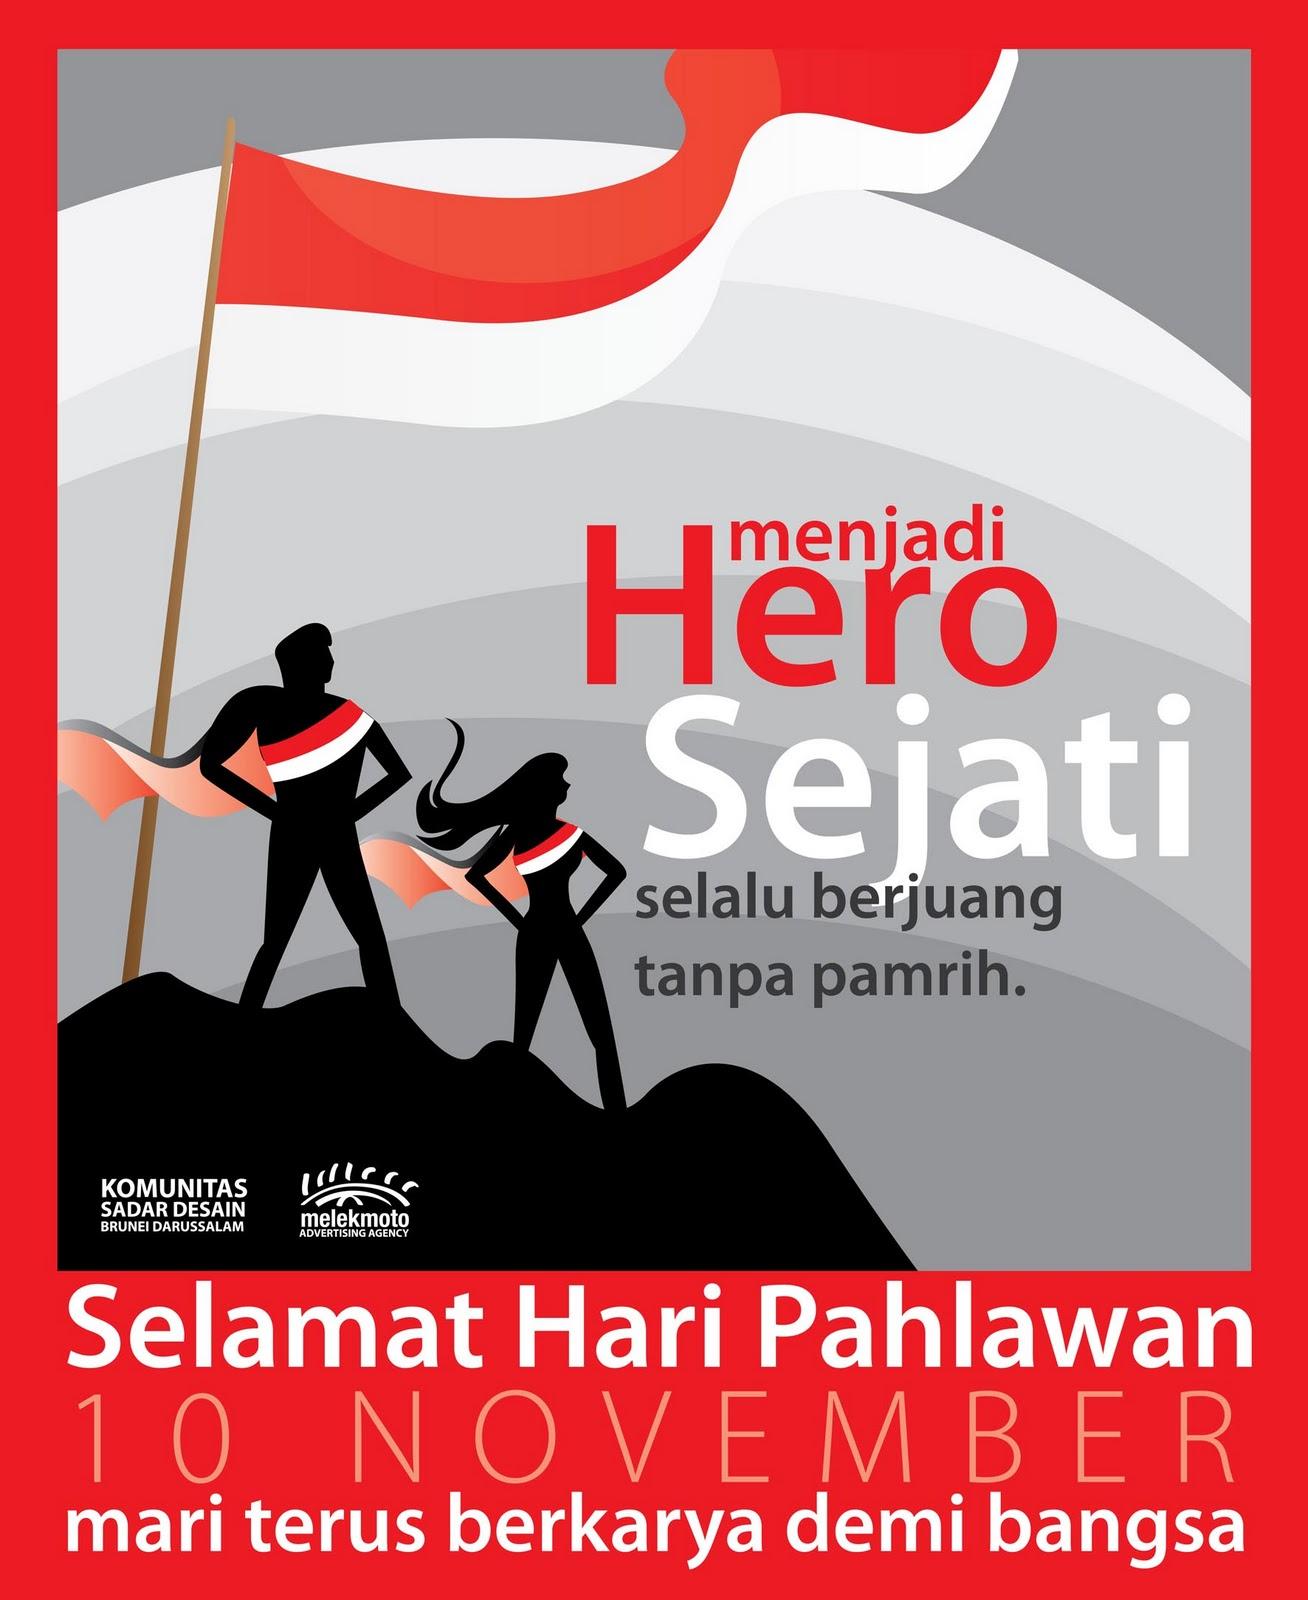 Gambar Sketsa Tentang Hari Pahlawan 28 Images Kumpulan Foto Dan Gambar Kartun Hari Pahlawan